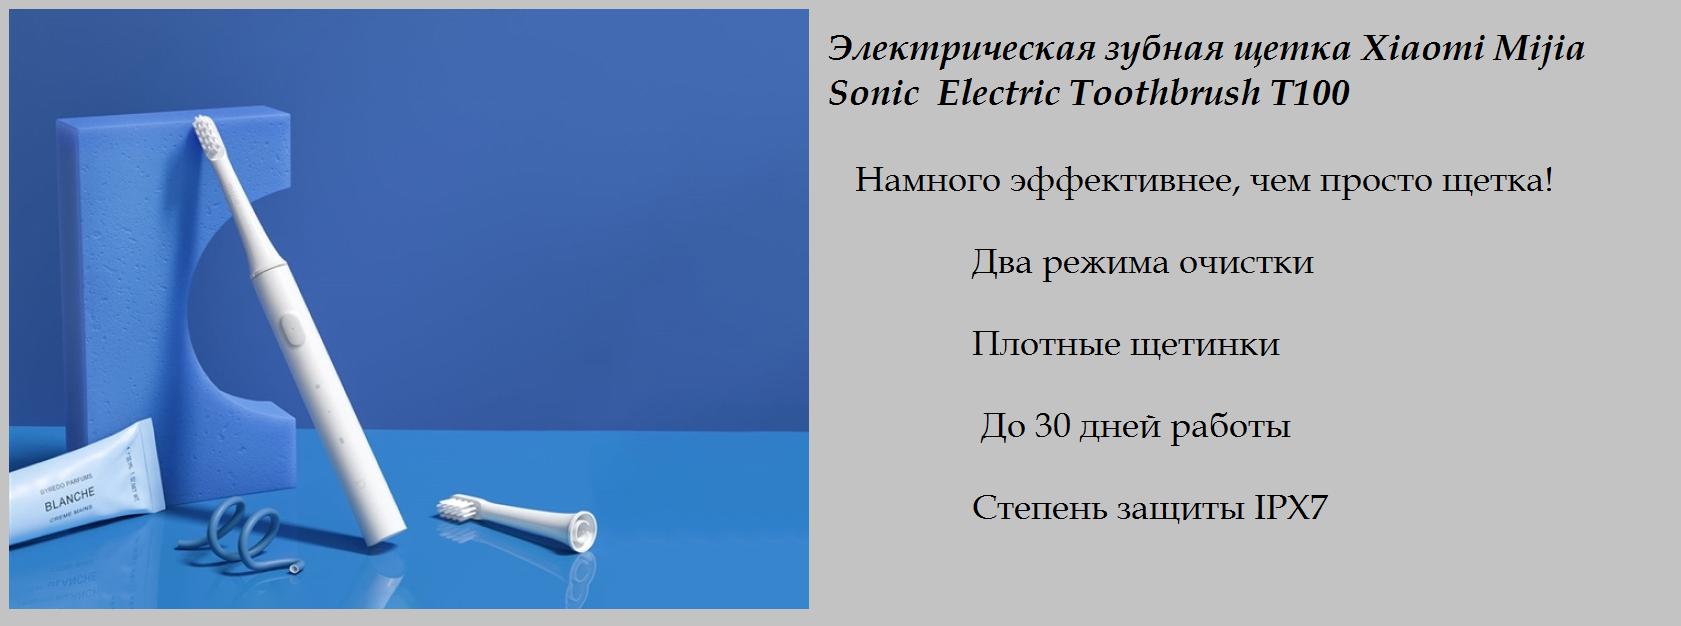 Электрическая зубная щетка Xiaomi Mijia Sonic Electric Toothbrush T100 (белая) эффективная  чистка